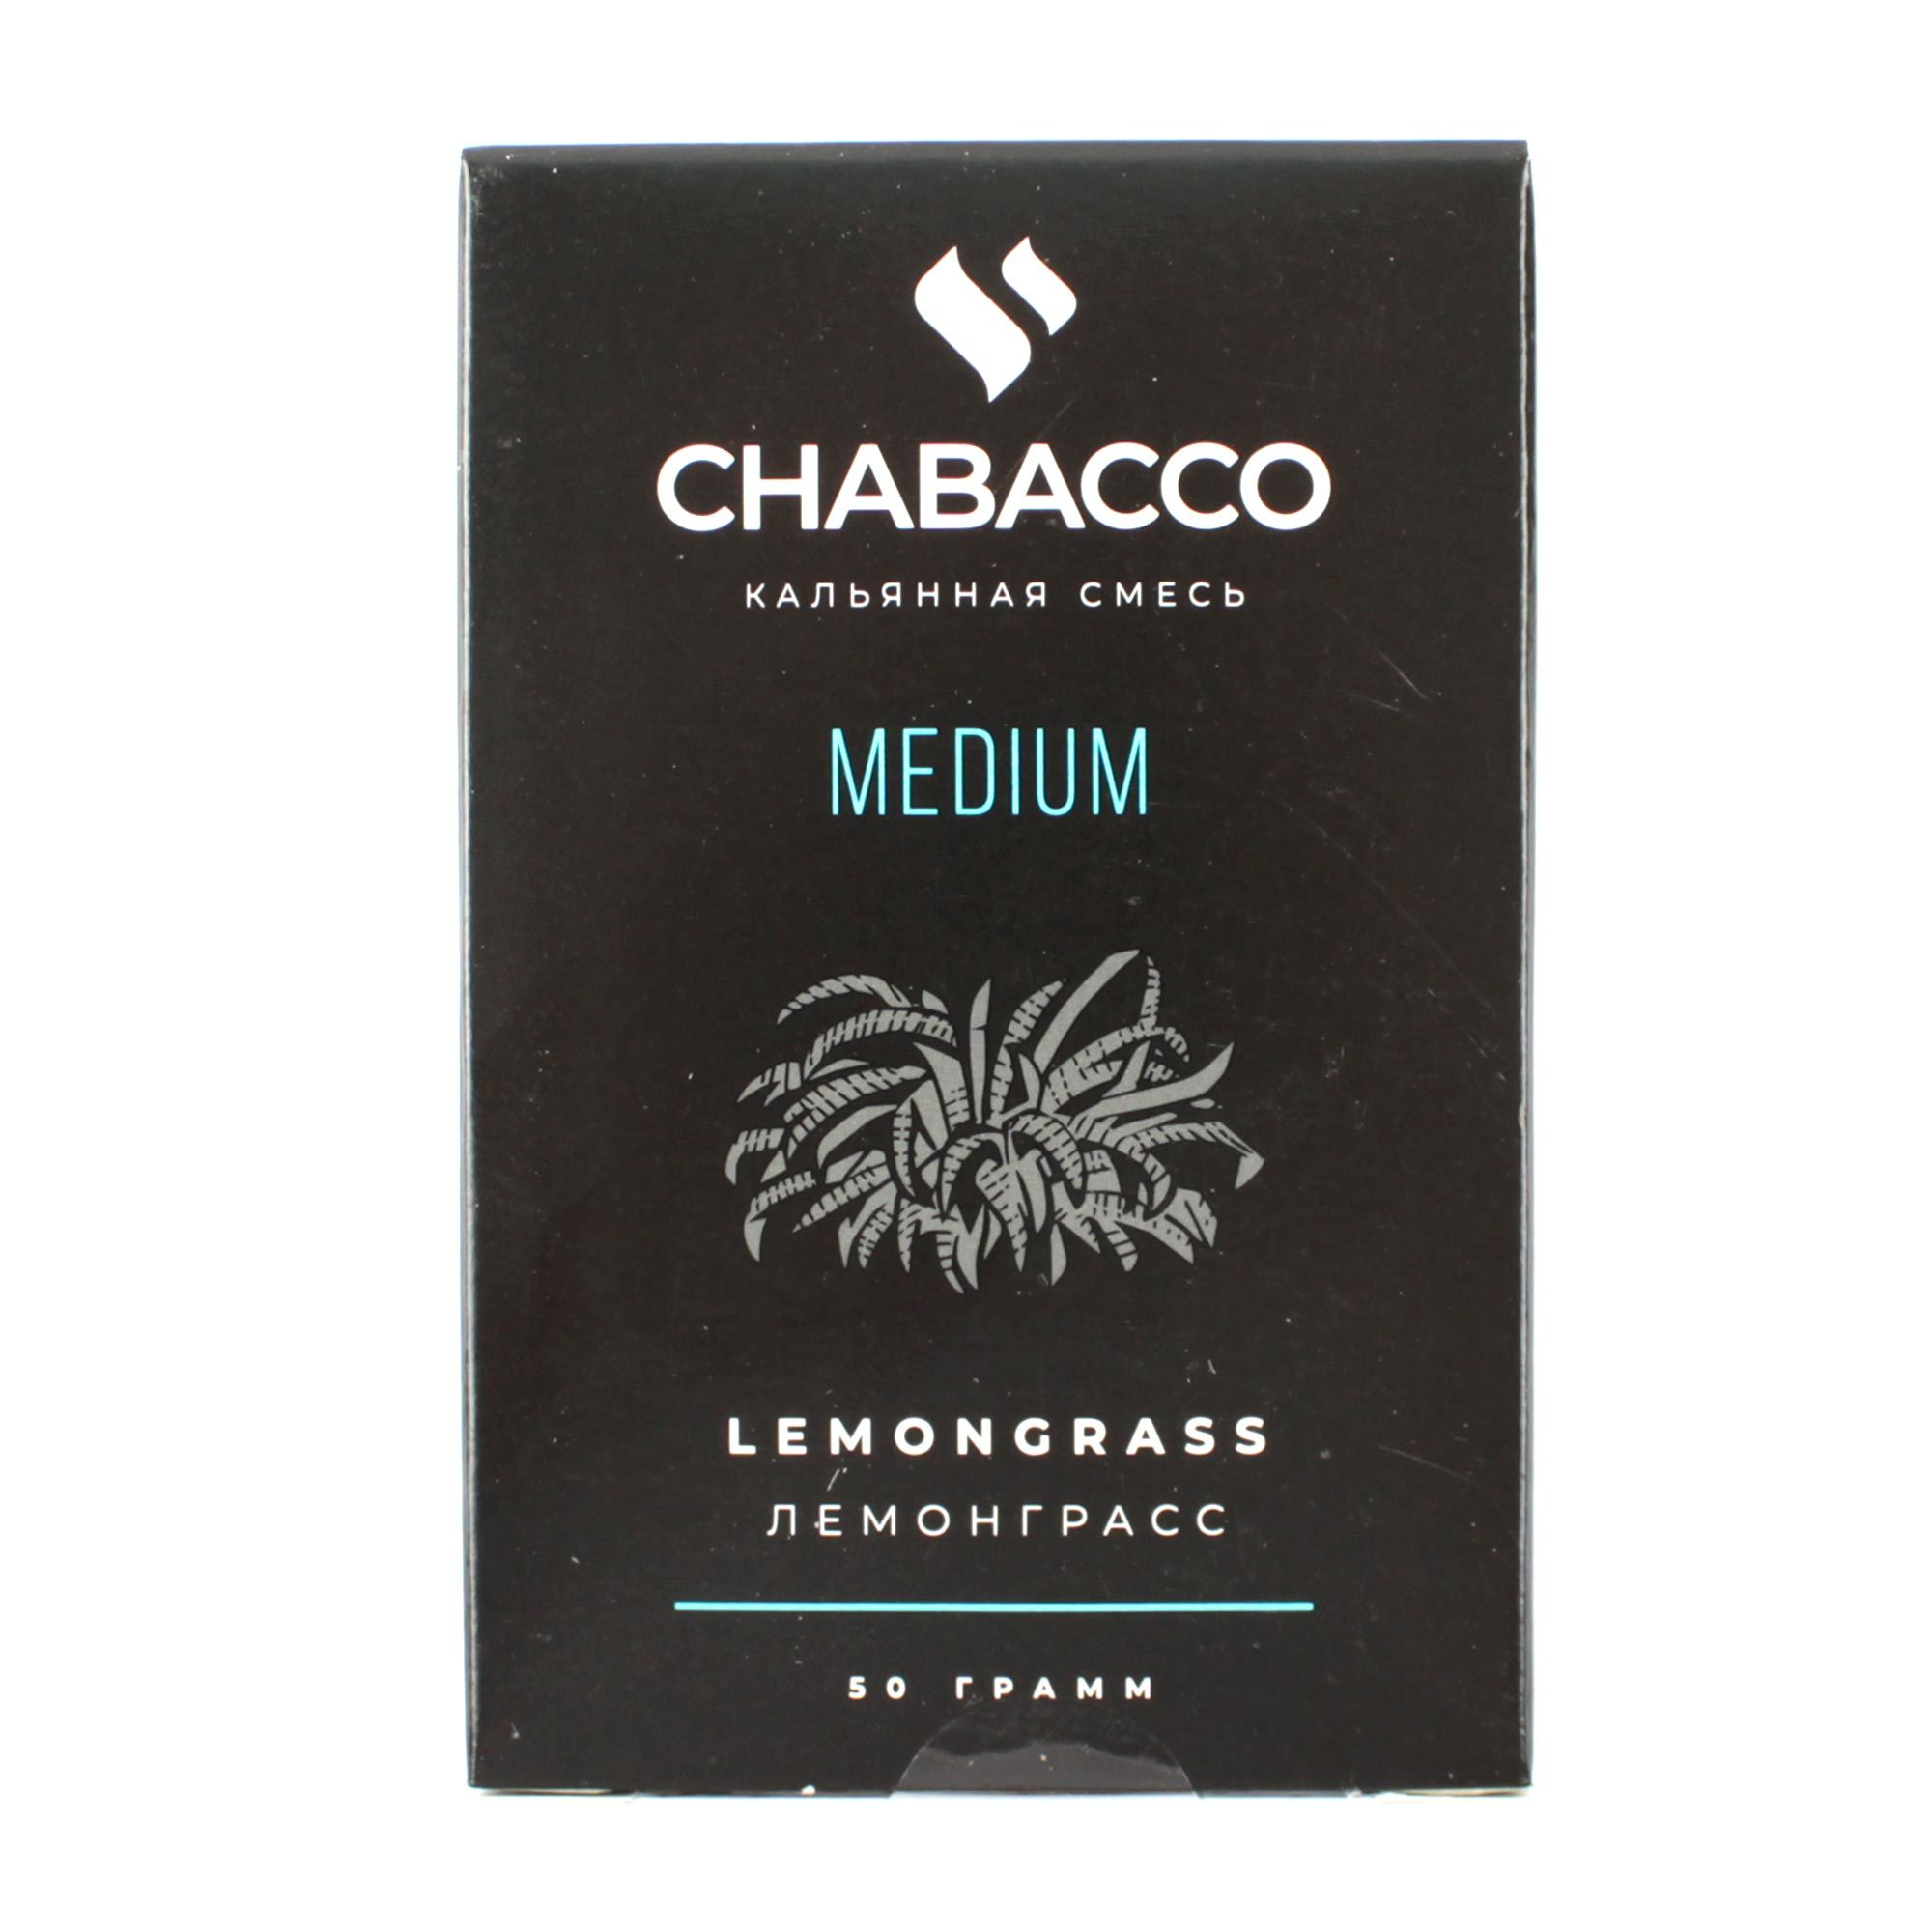 Кальянная смесь Chabacco Medium 50 гр Lemongrass